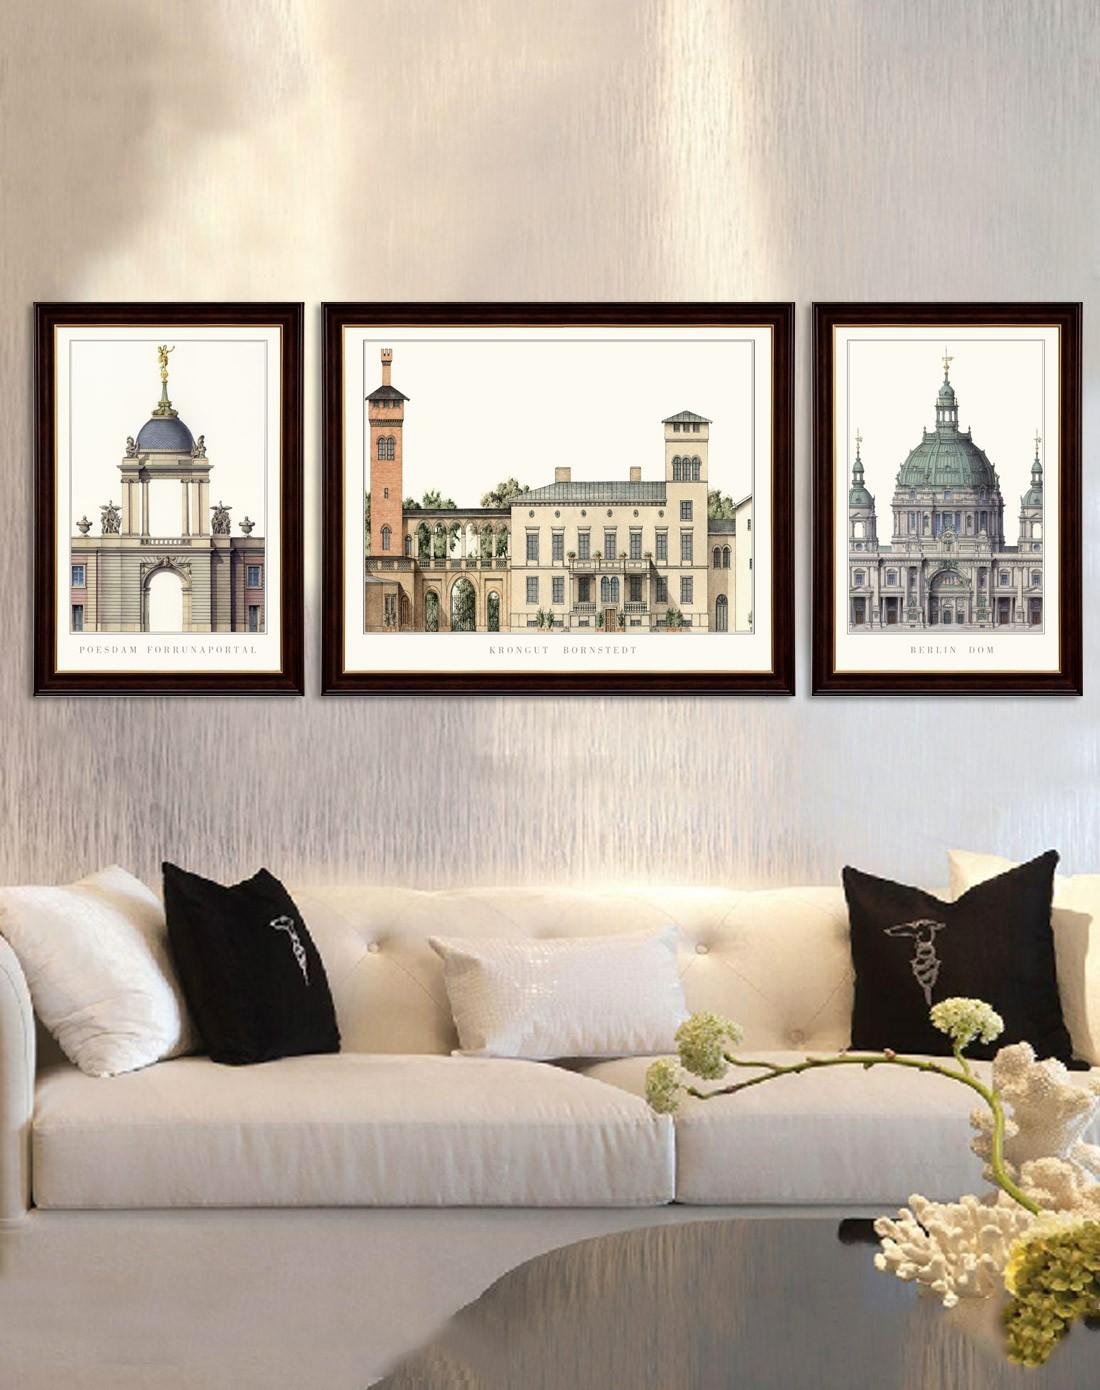 柠檬树家居装饰专场美式客厅装饰画 城市建筑k10-1117